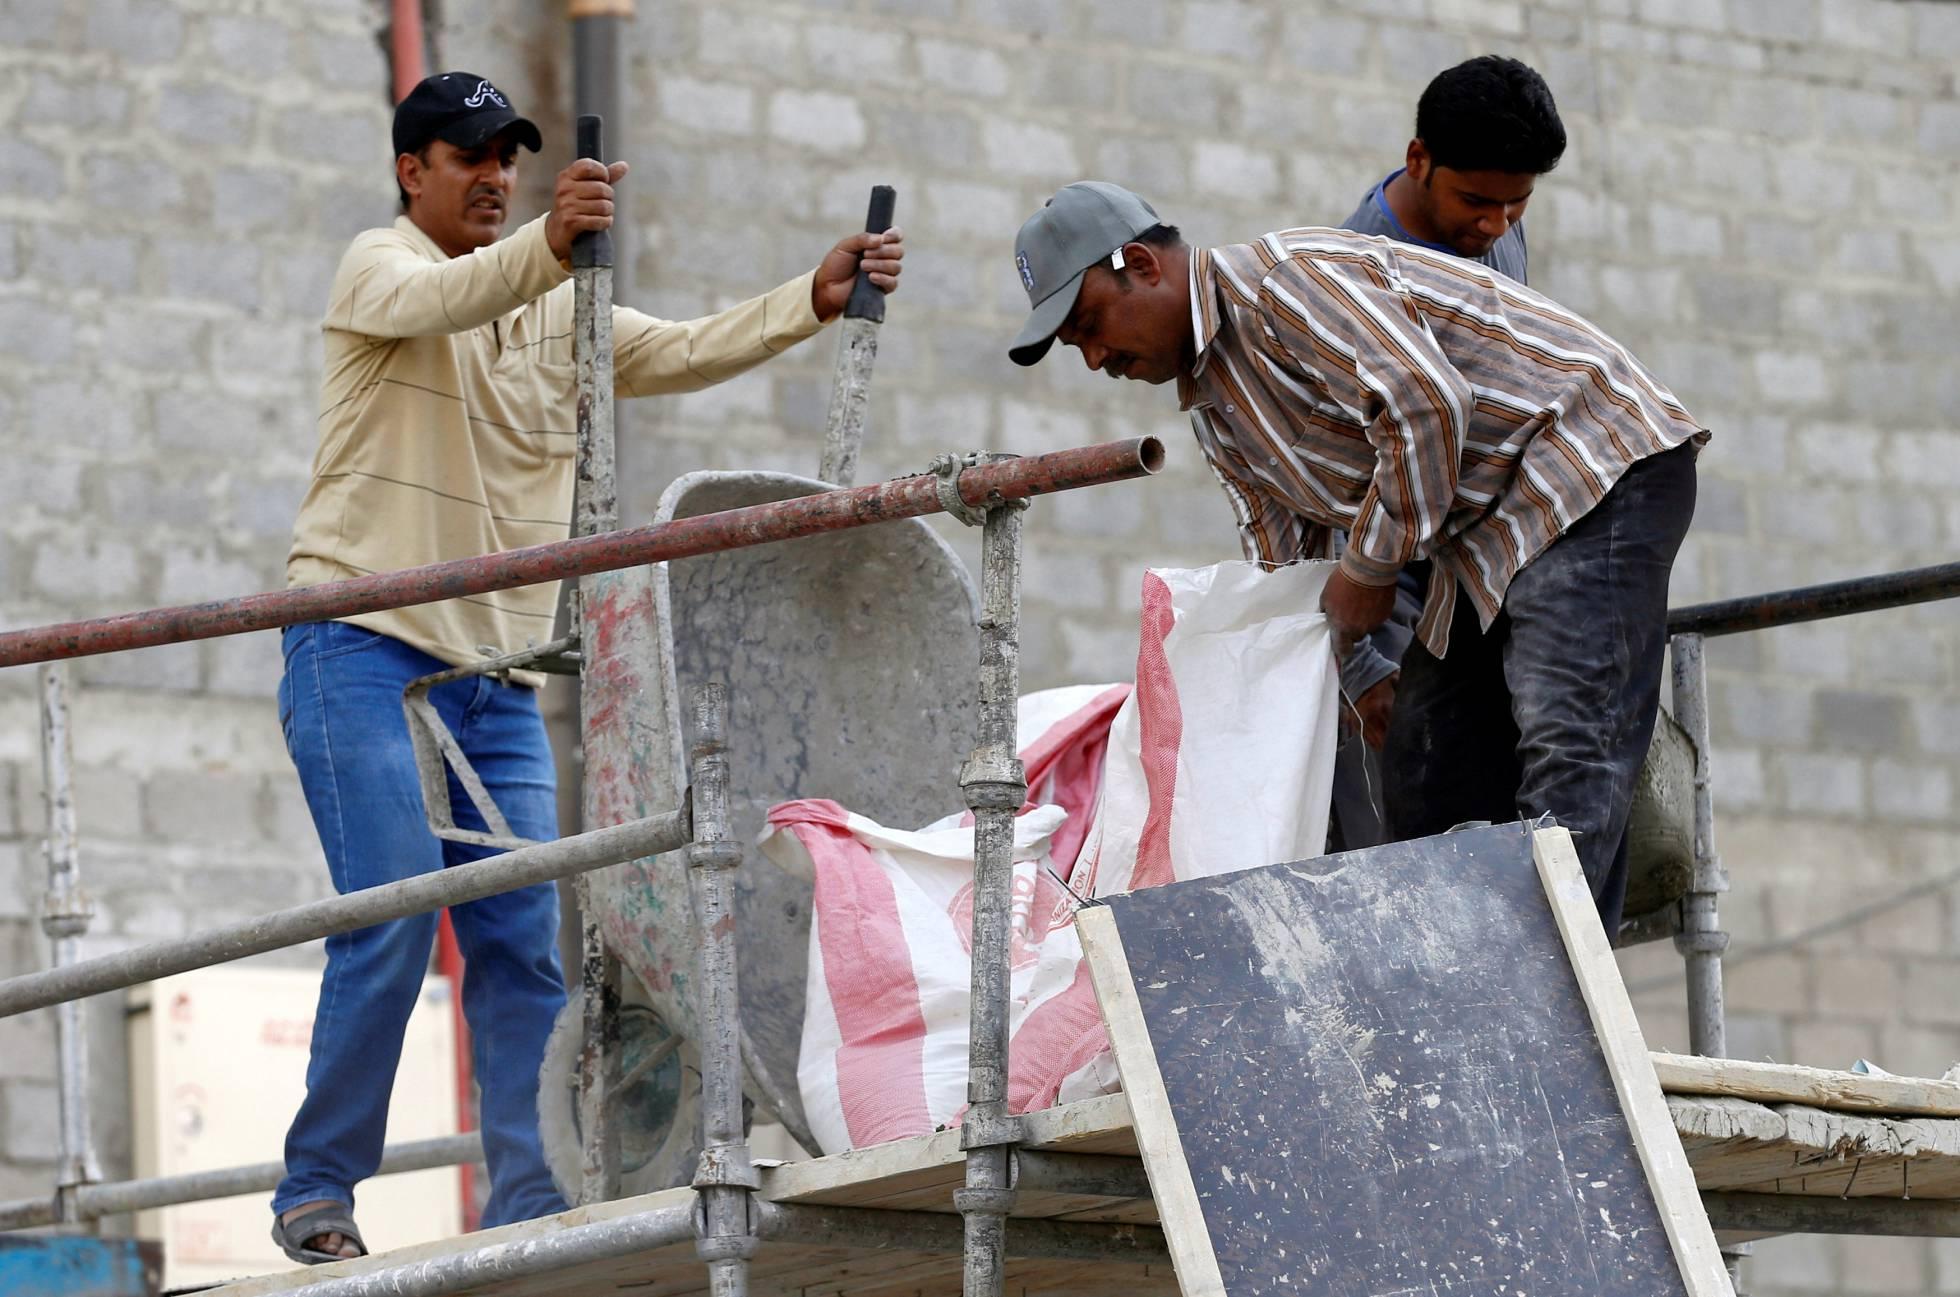 Capitalismo en Arabia Saudí: Millones de obreros inmigrantes... El mayor fondo soberano... 1473664333_127634_1473677123_noticia_normal_recorte1